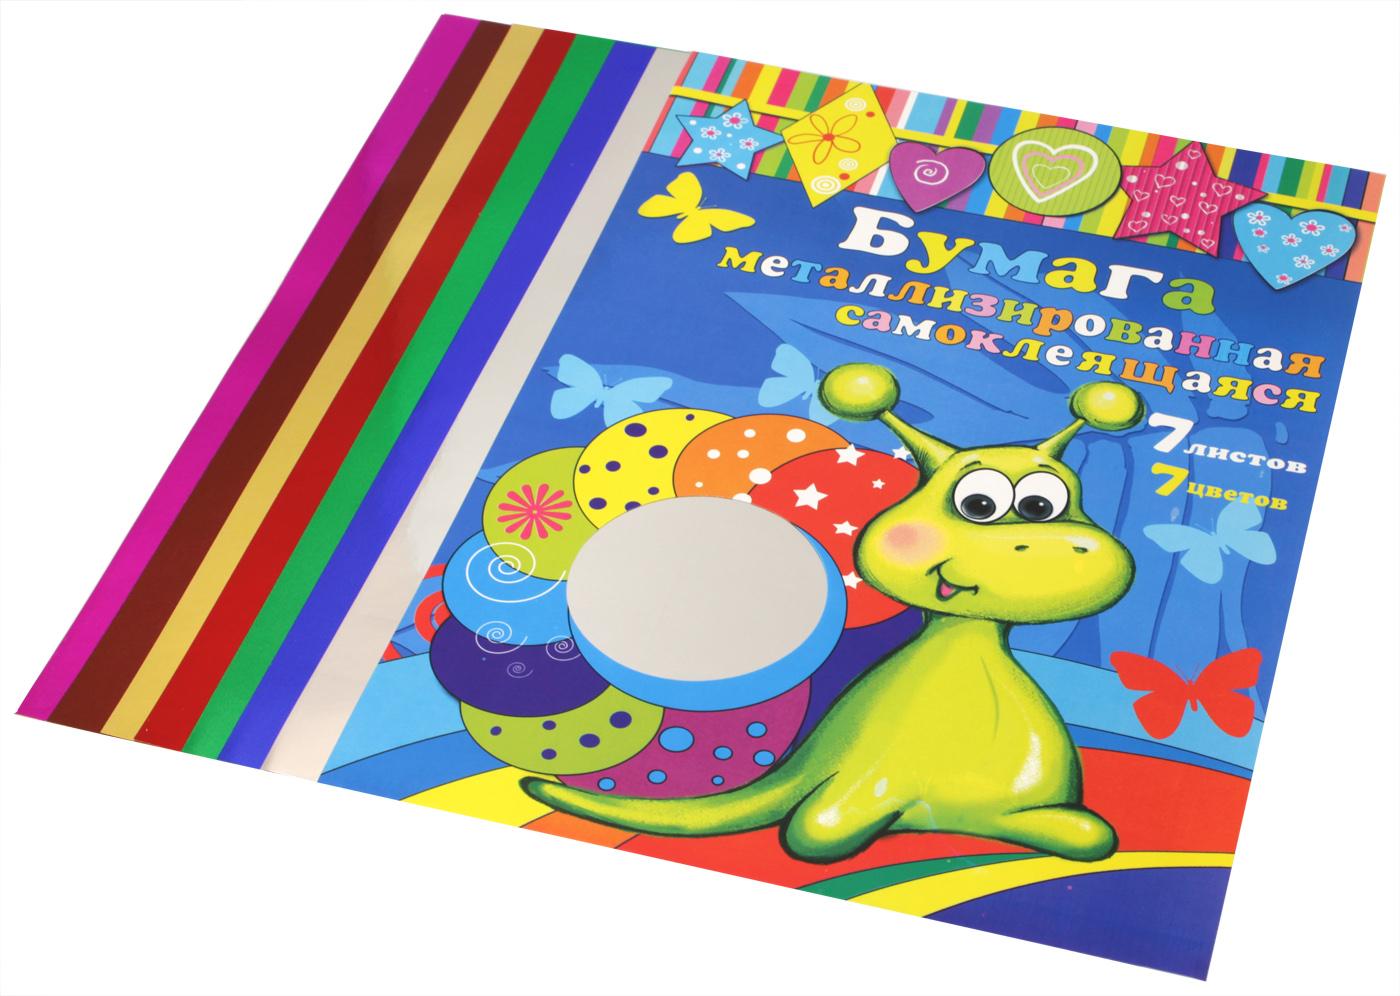 Феникс+ Бумага цветная металлизированная самоклеющаяся формат А4 7 листов